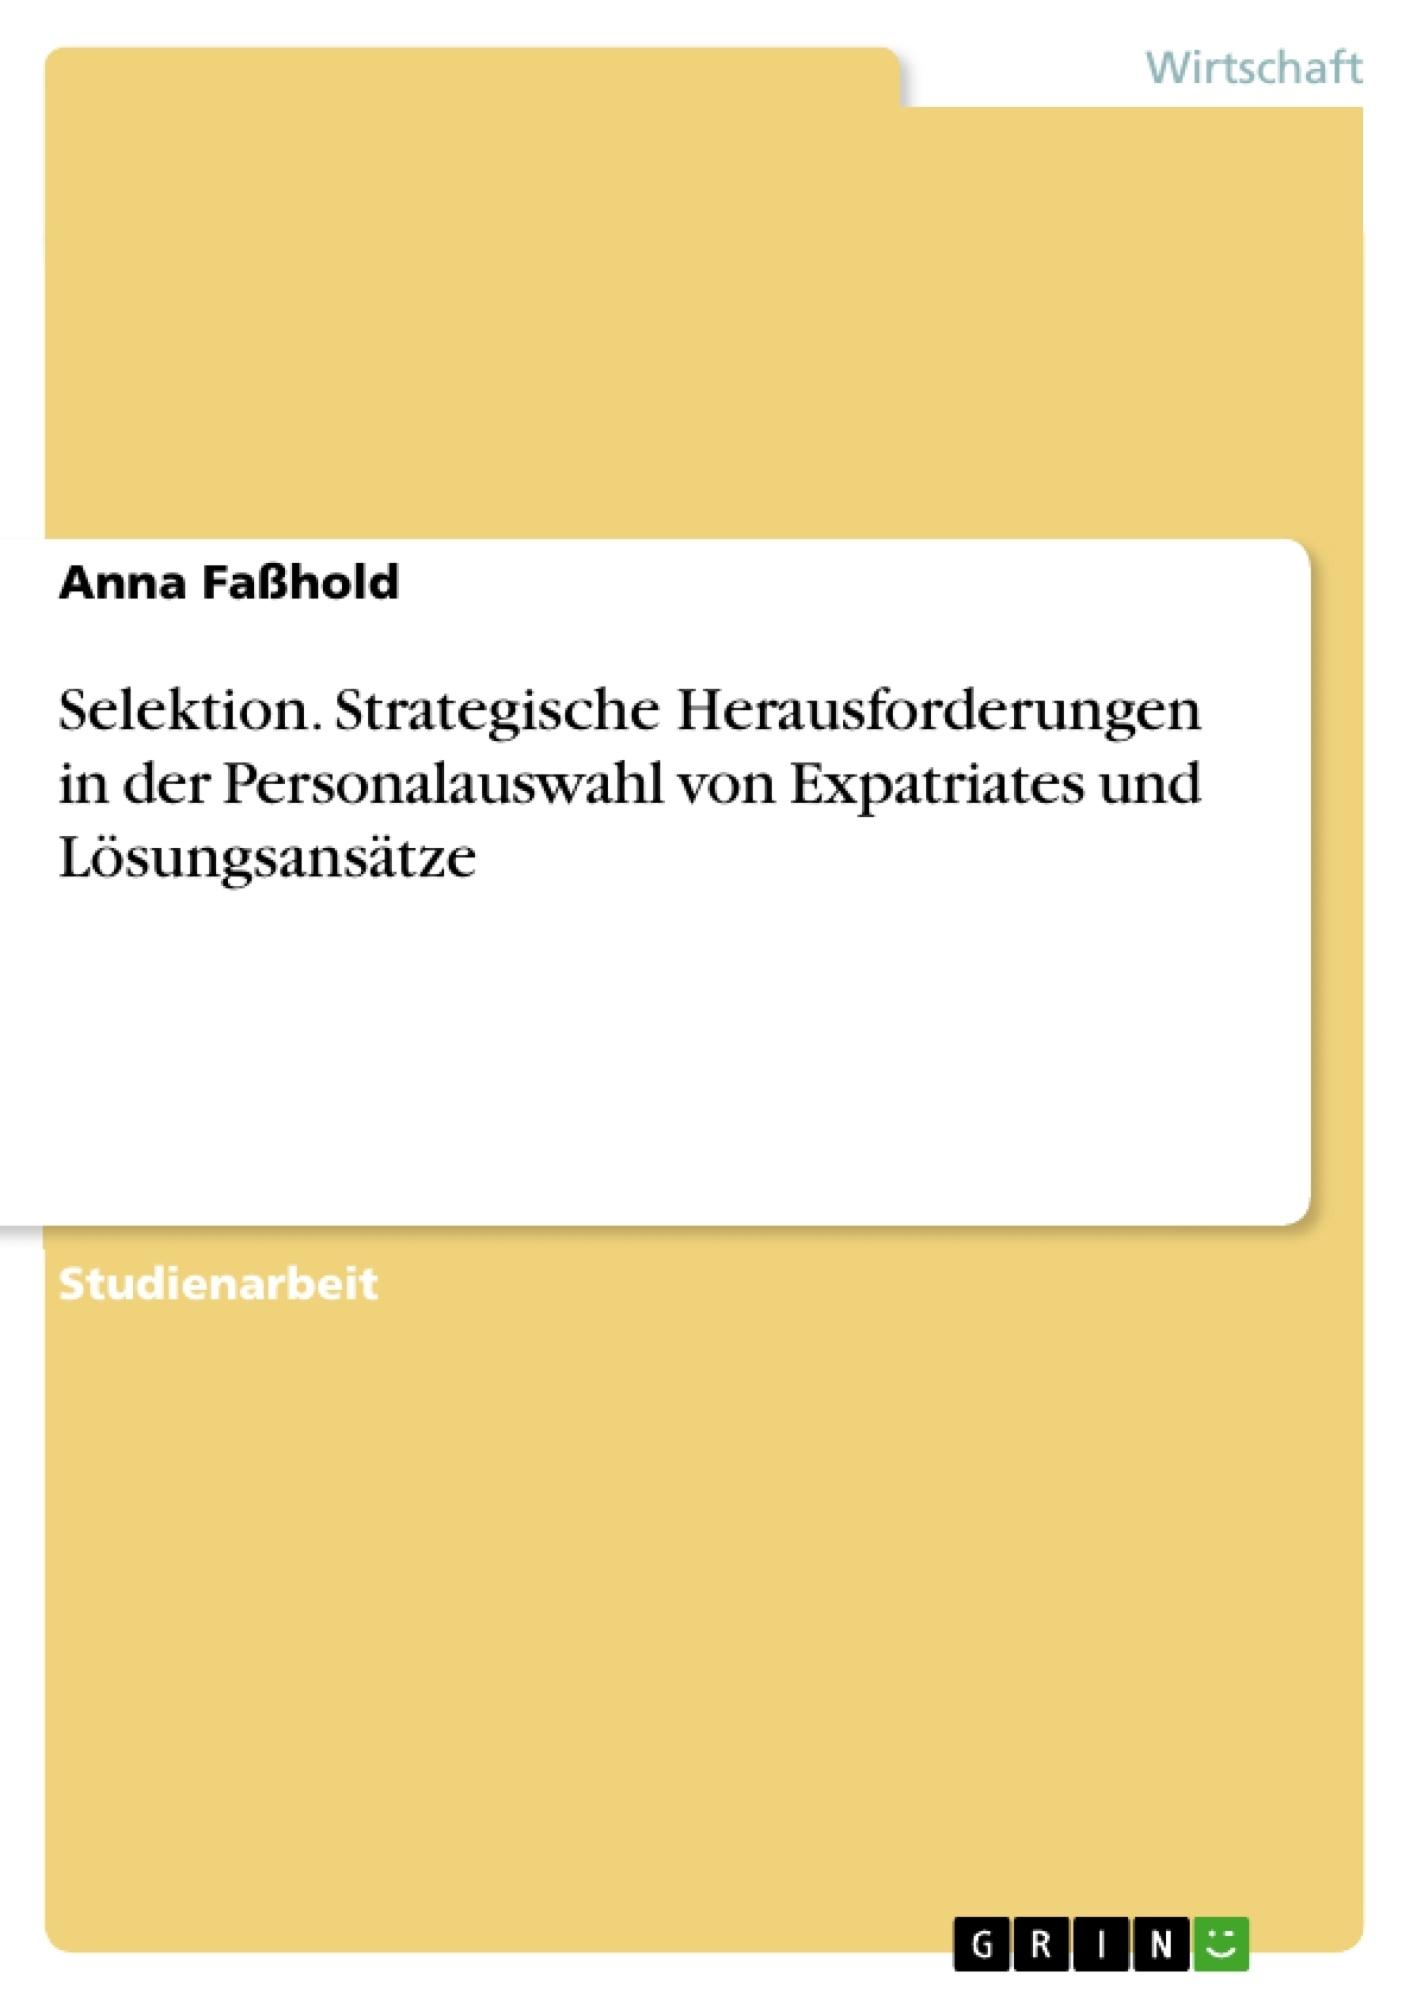 Titel: Selektion. Strategische Herausforderungen in der Personalauswahl von Expatriates und Lösungsansätze